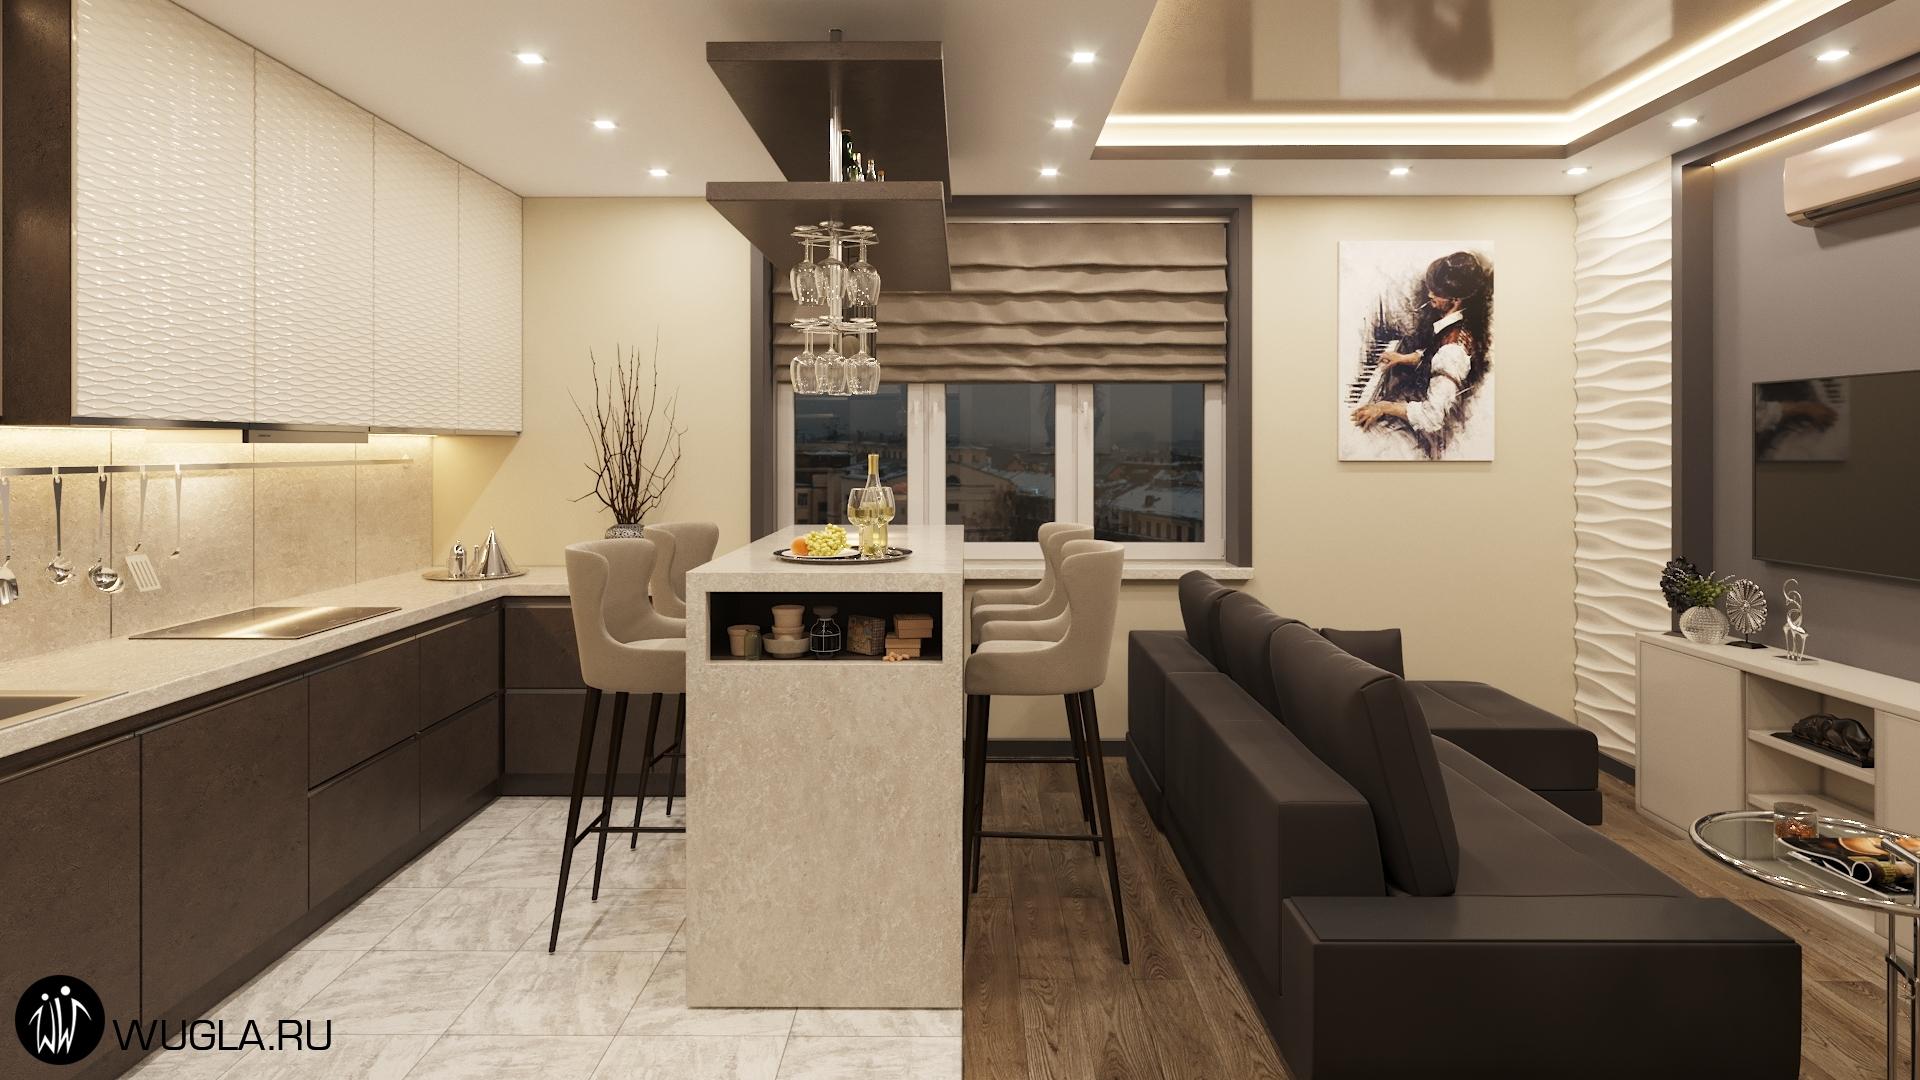 ЖК Мытищи Lite, Дизайн кухни-гостиной.